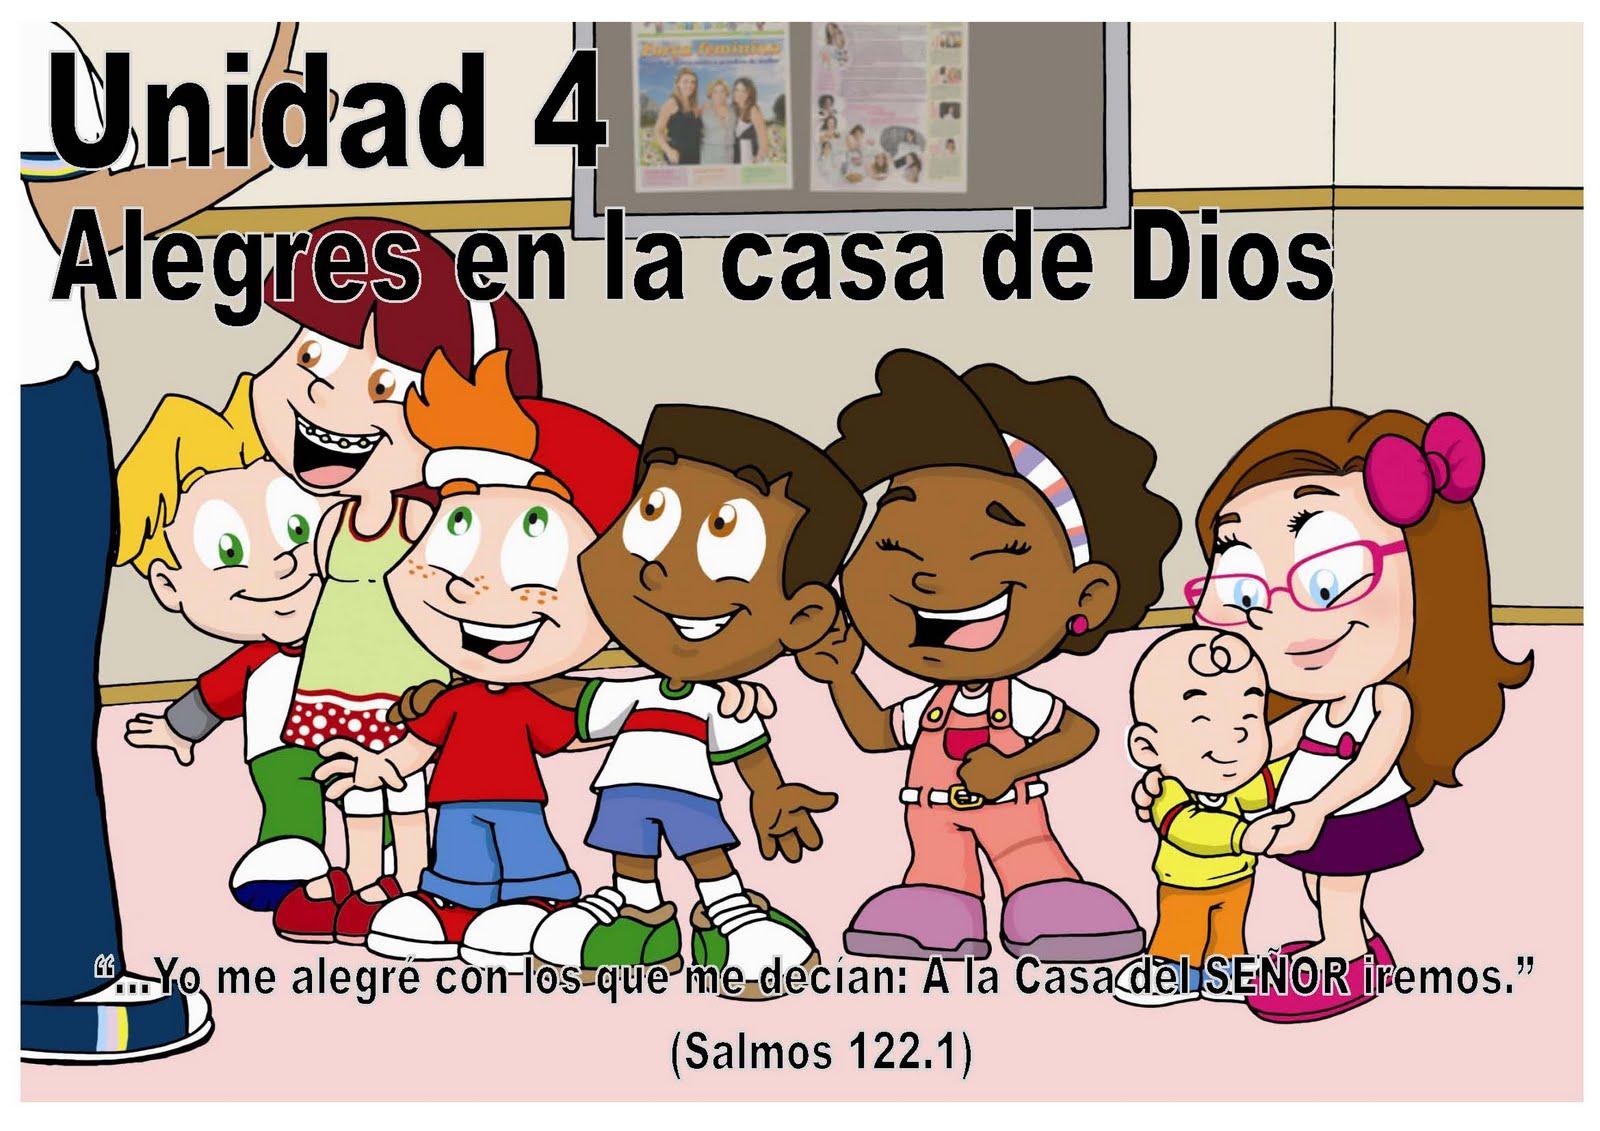 Unidad 4 alegres en la casa de dios escuelita biblica infantil - Casa de los espiritus alegres ...